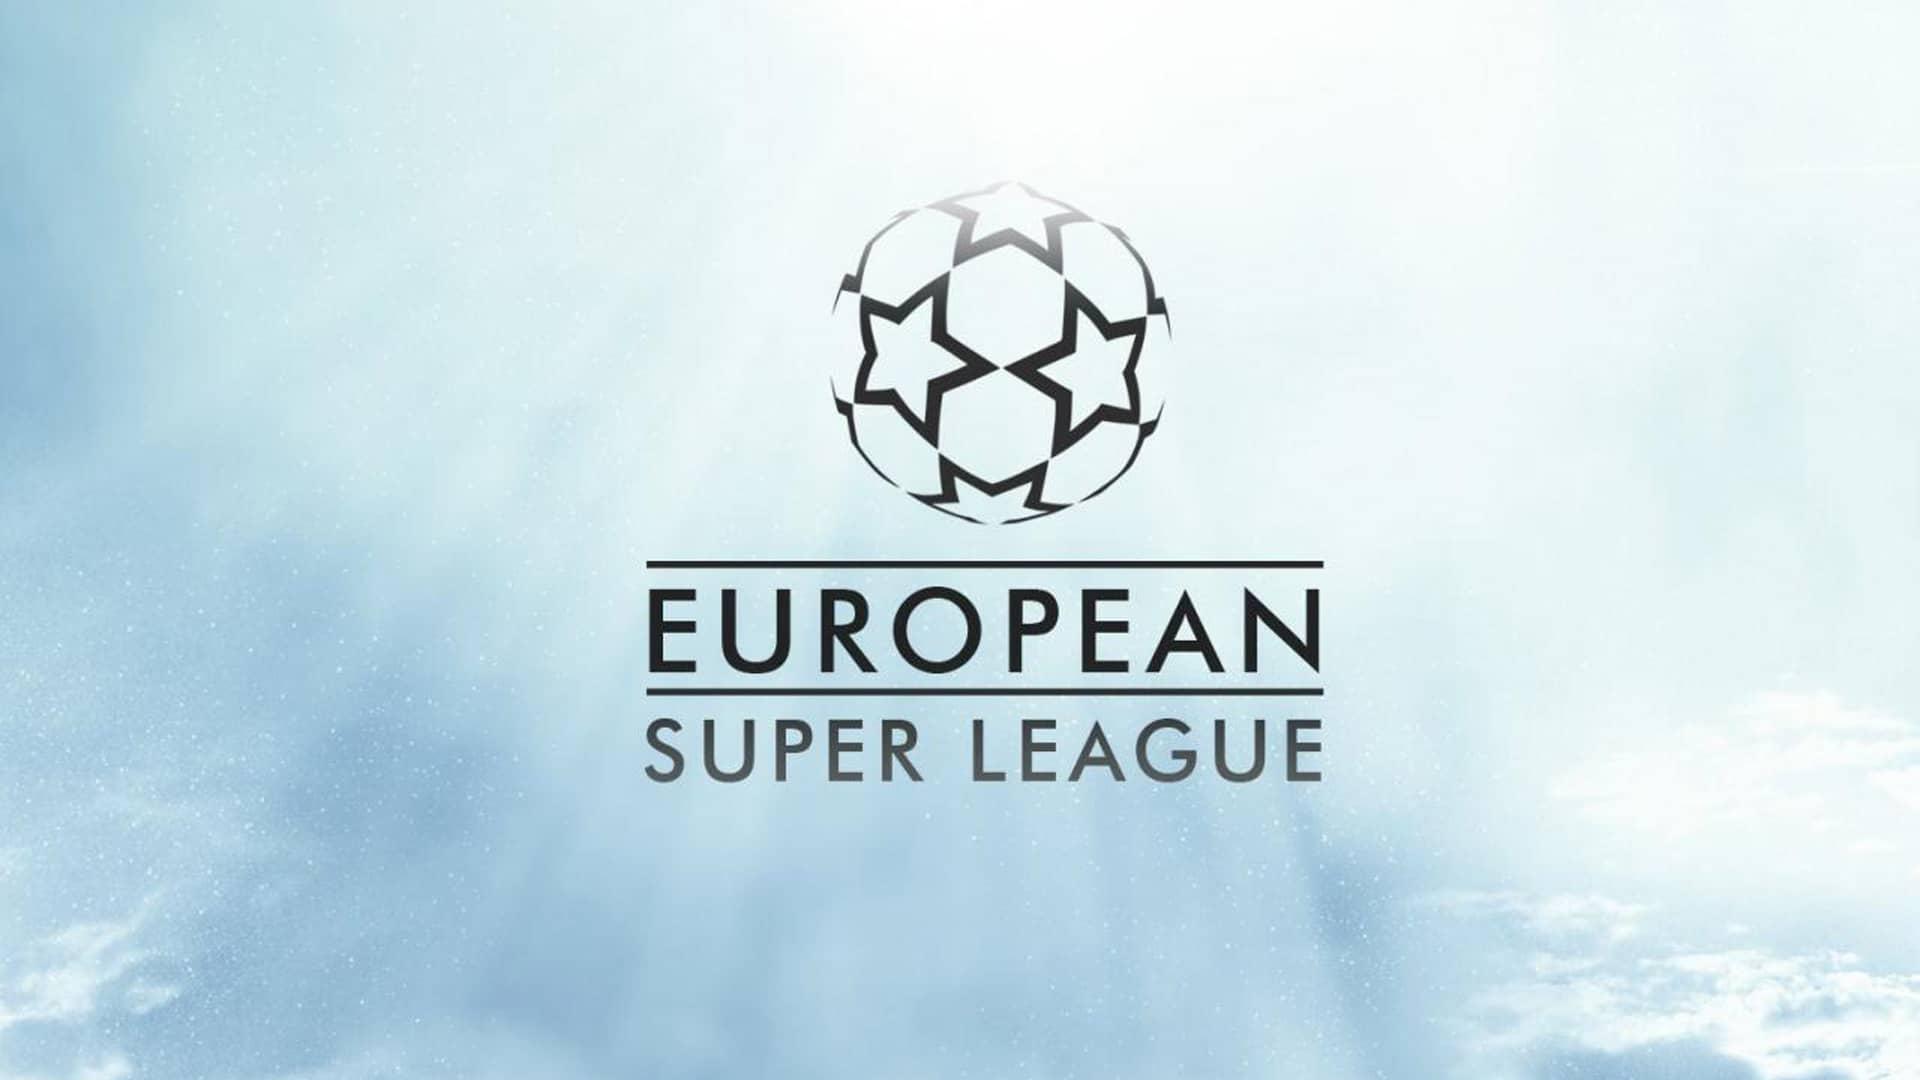 Nace la Superliga europea de fútbol: equipos fundadores, presidente y mucha más información